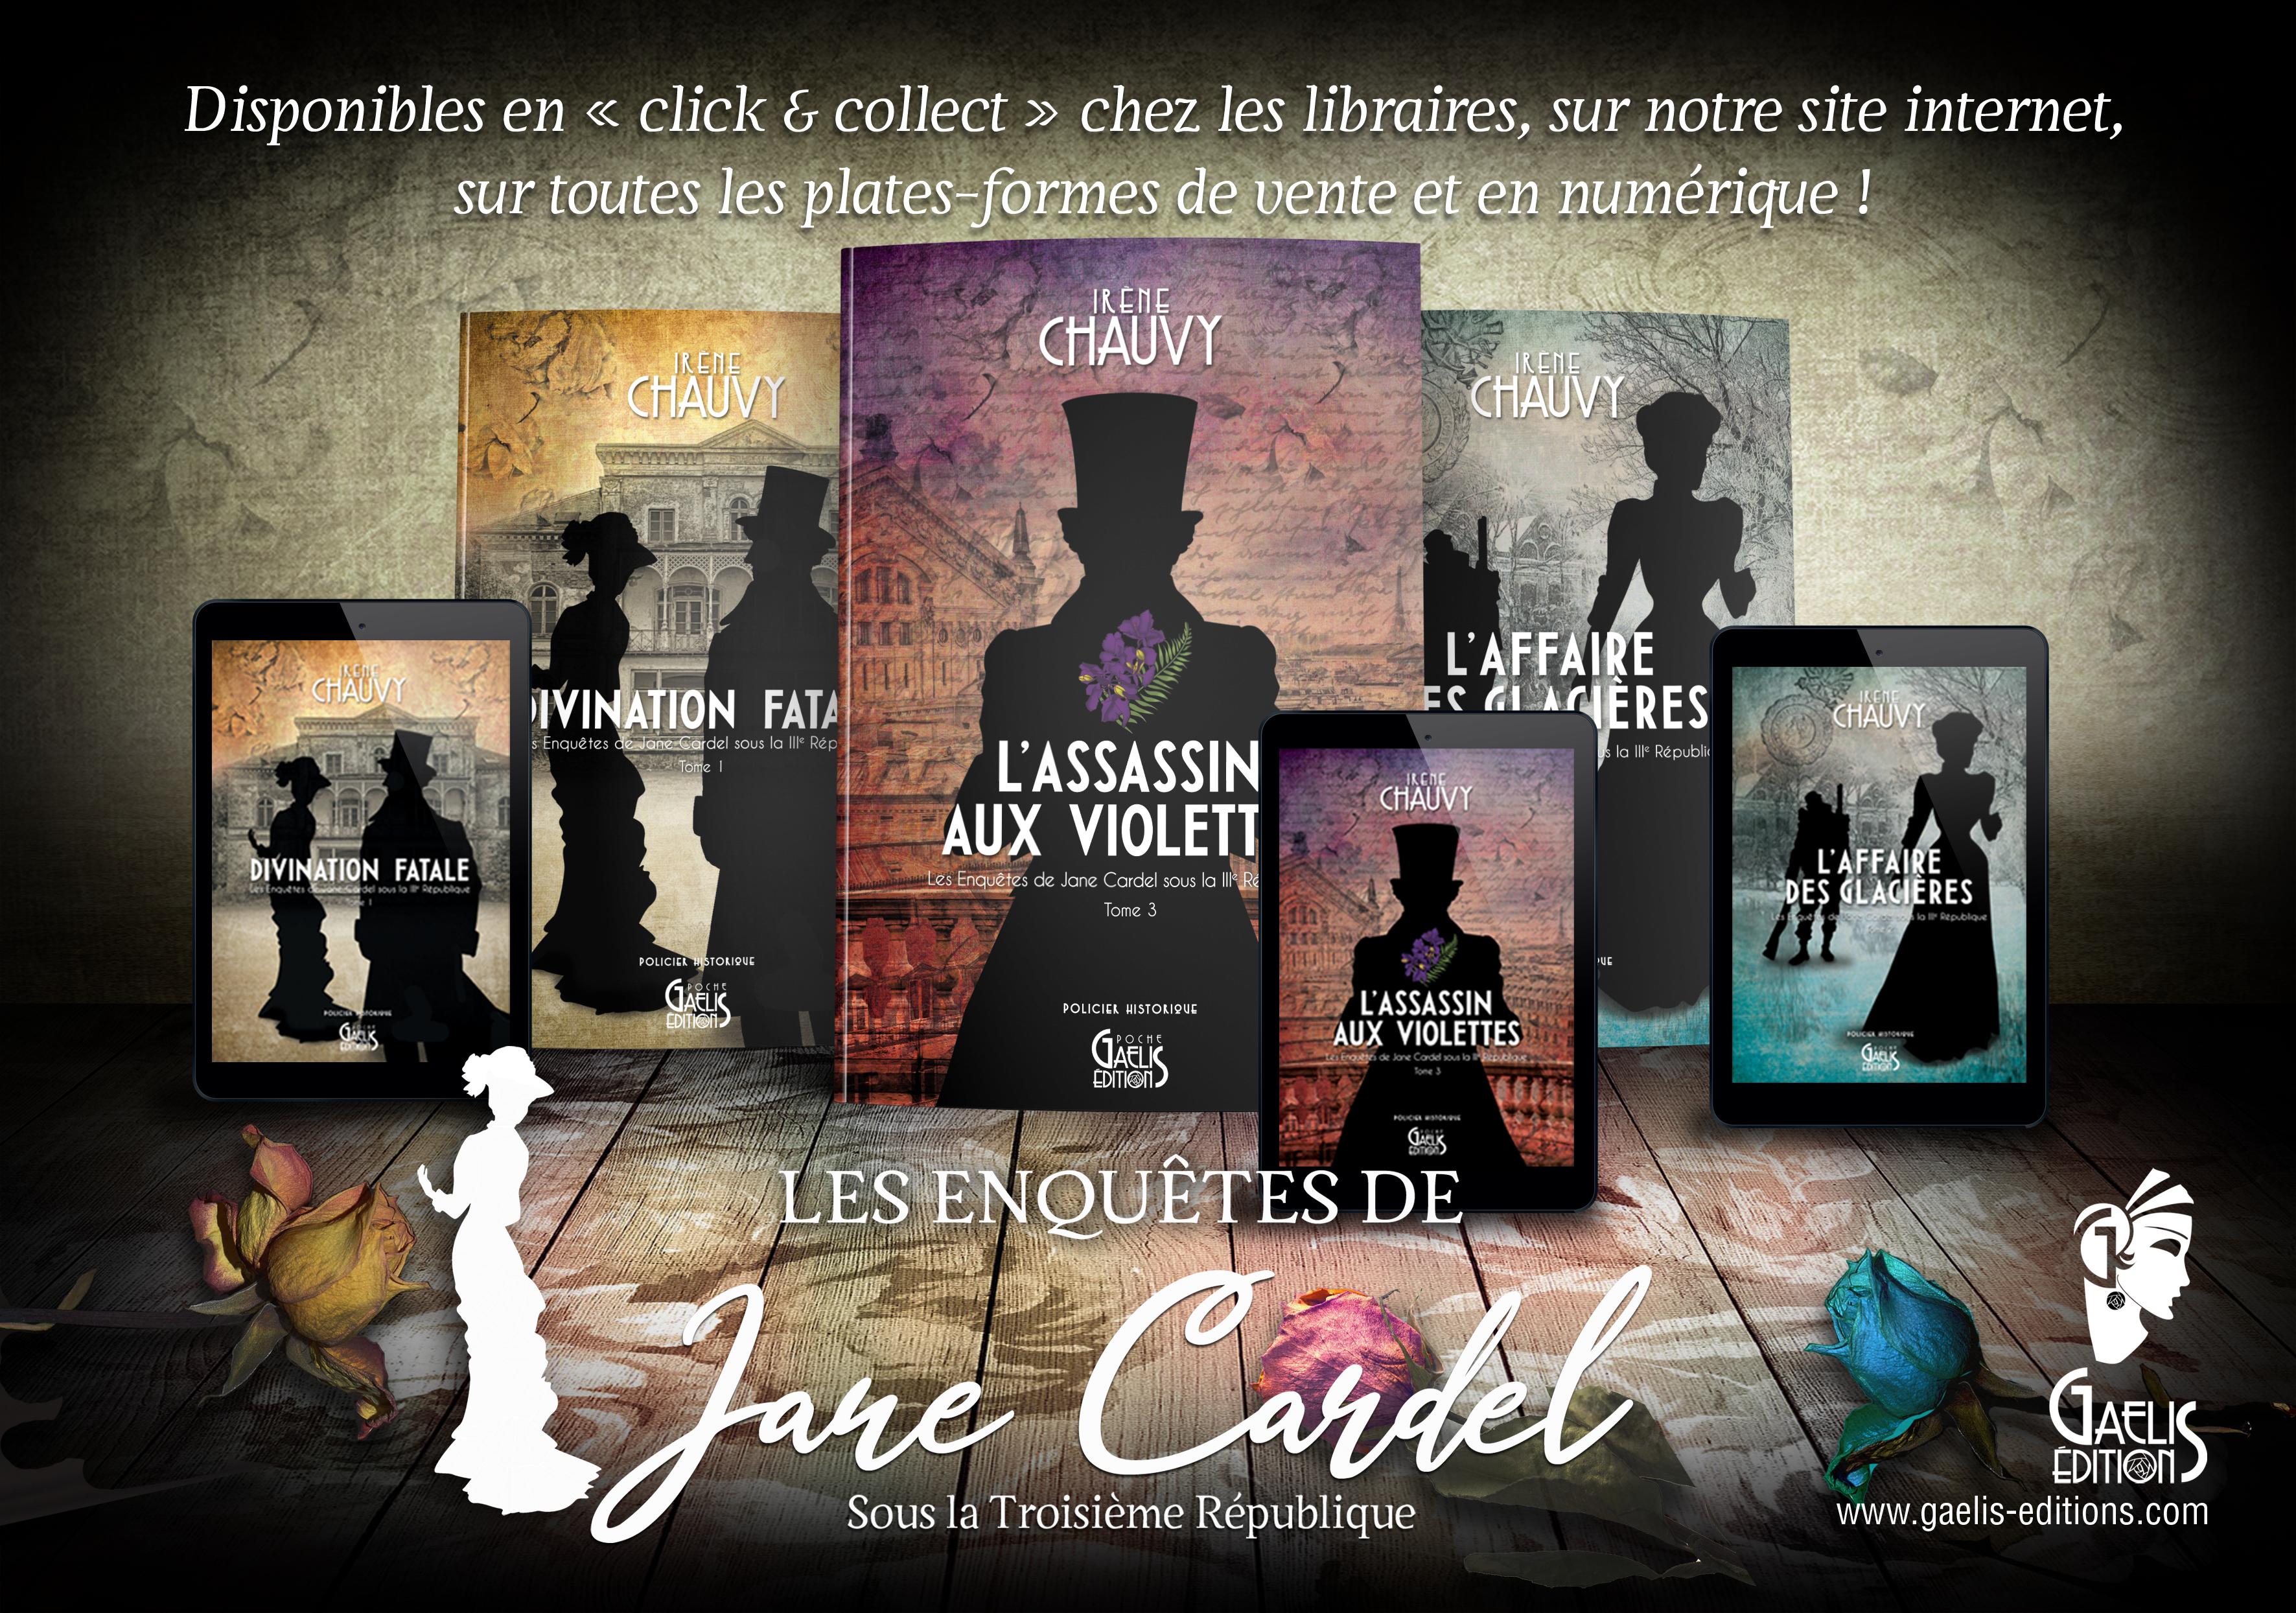 Pub-Jane Cardel-Gaelis Éditions